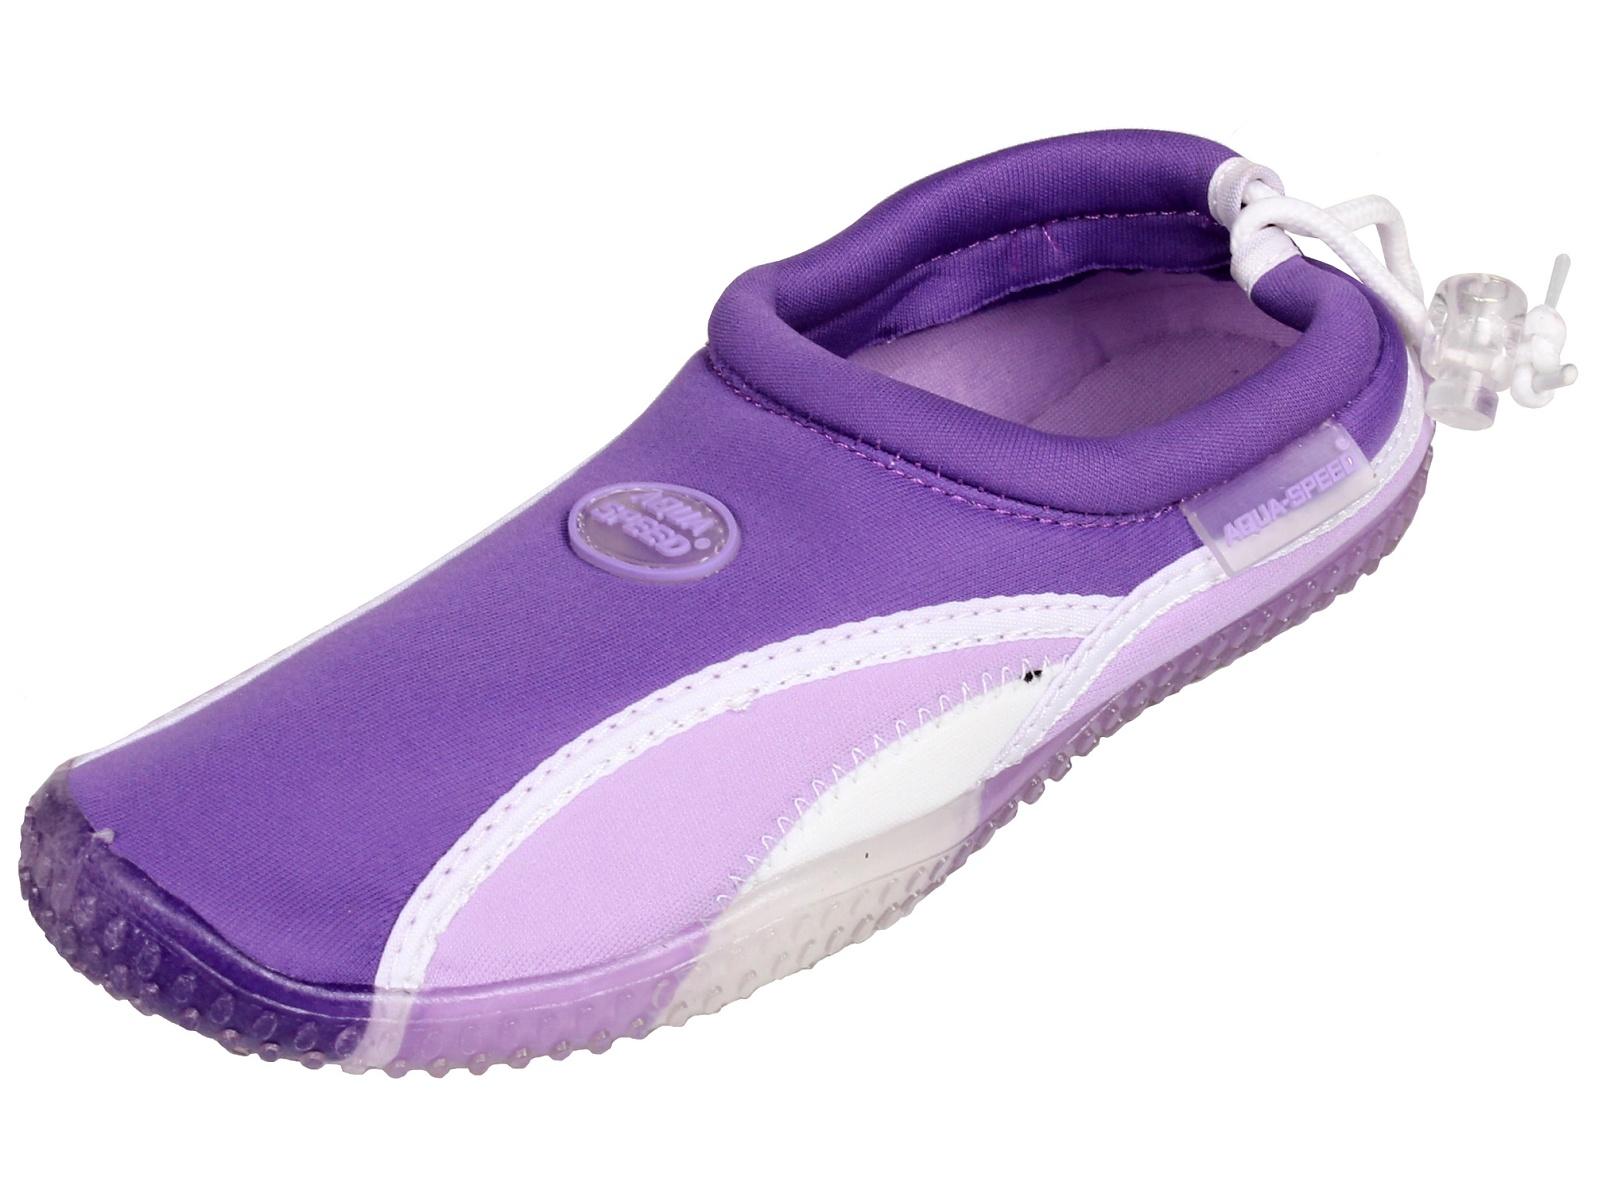 Boty do vody AQUA-SPEED 12B fialové - vel. 37